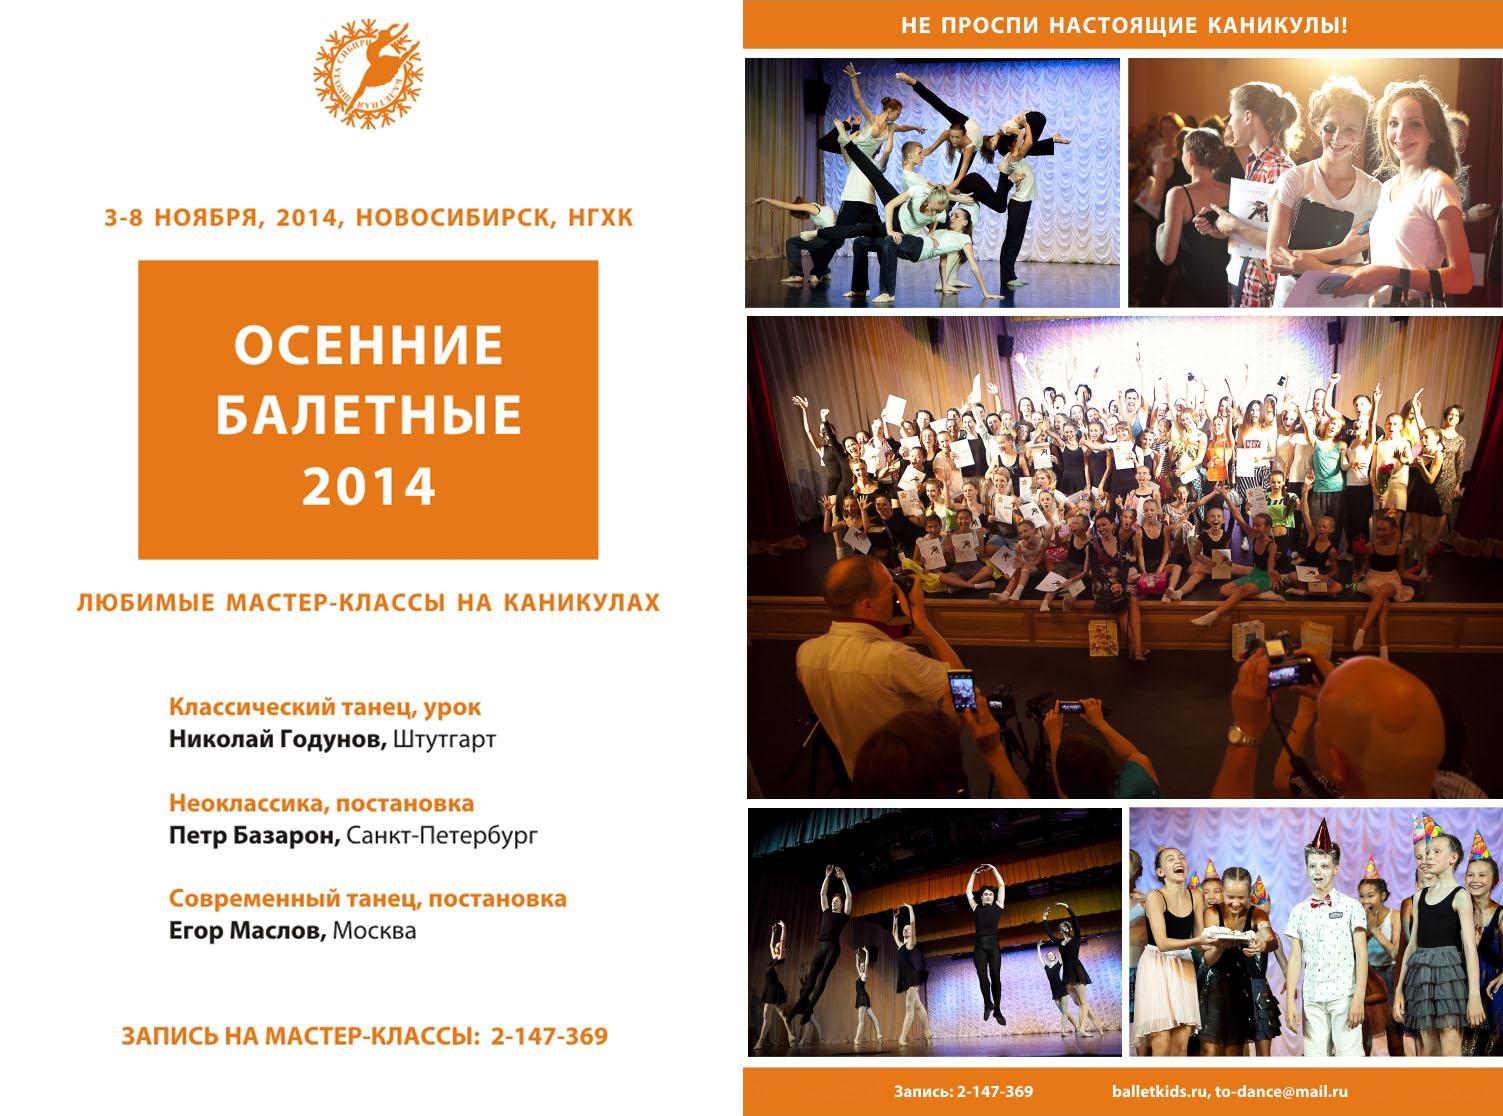 2014-Балетные-Осень